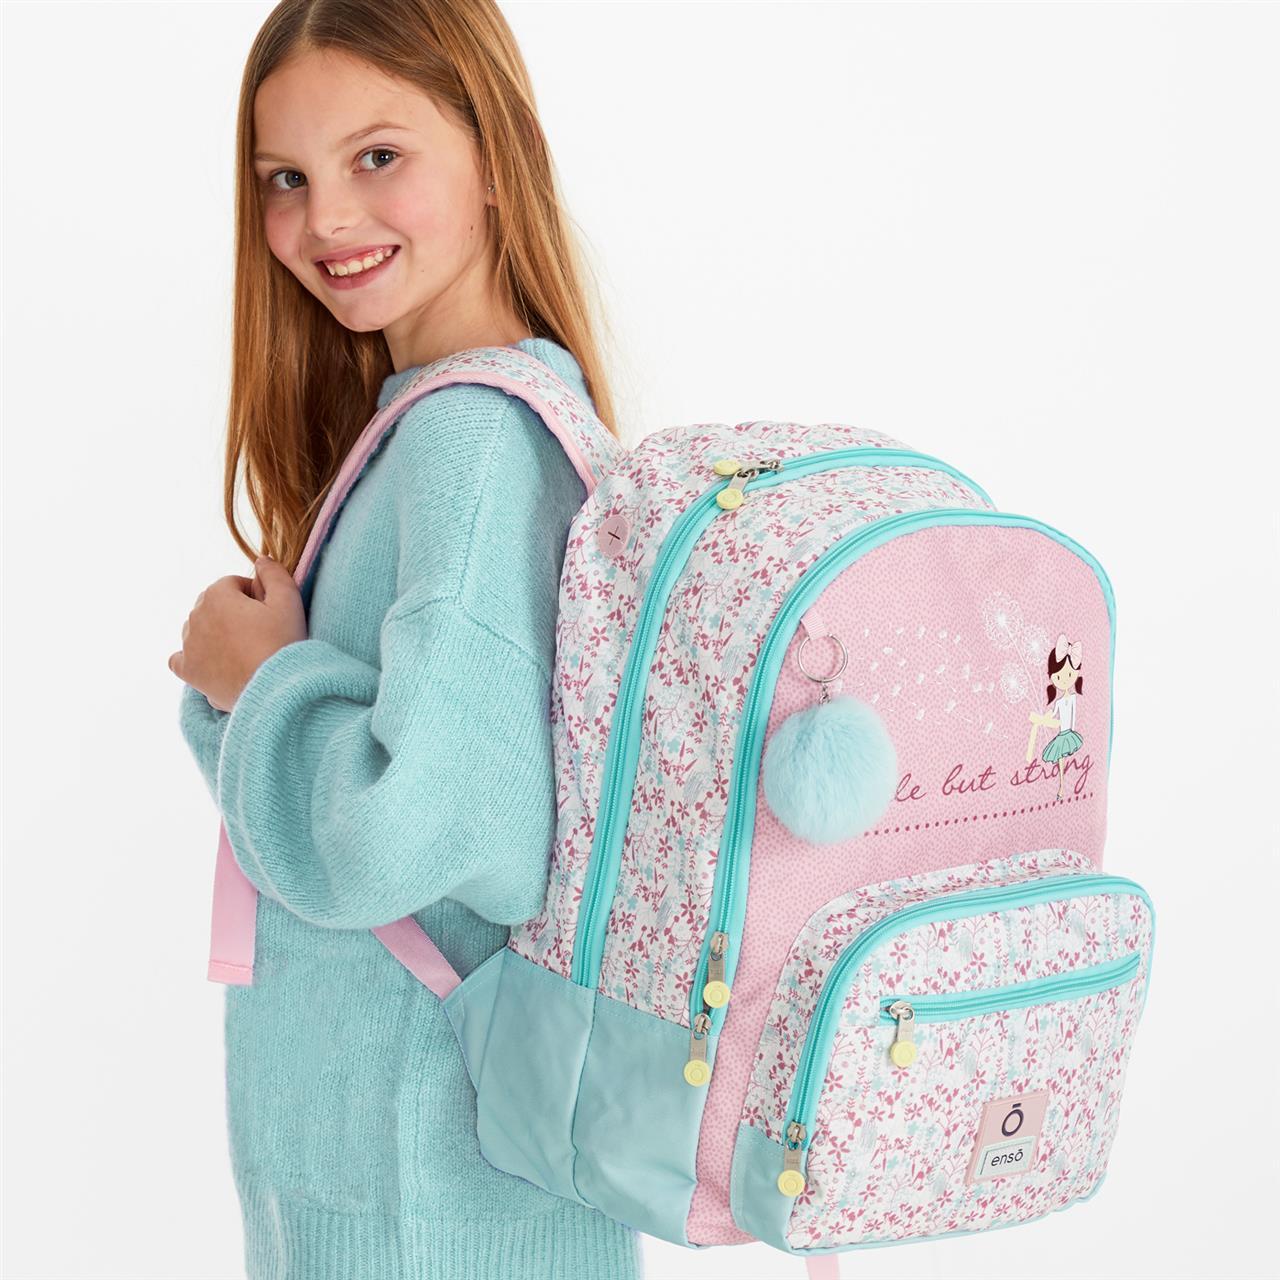 Jak vybrat školní batoh, aby byl pohodlný a stylový?